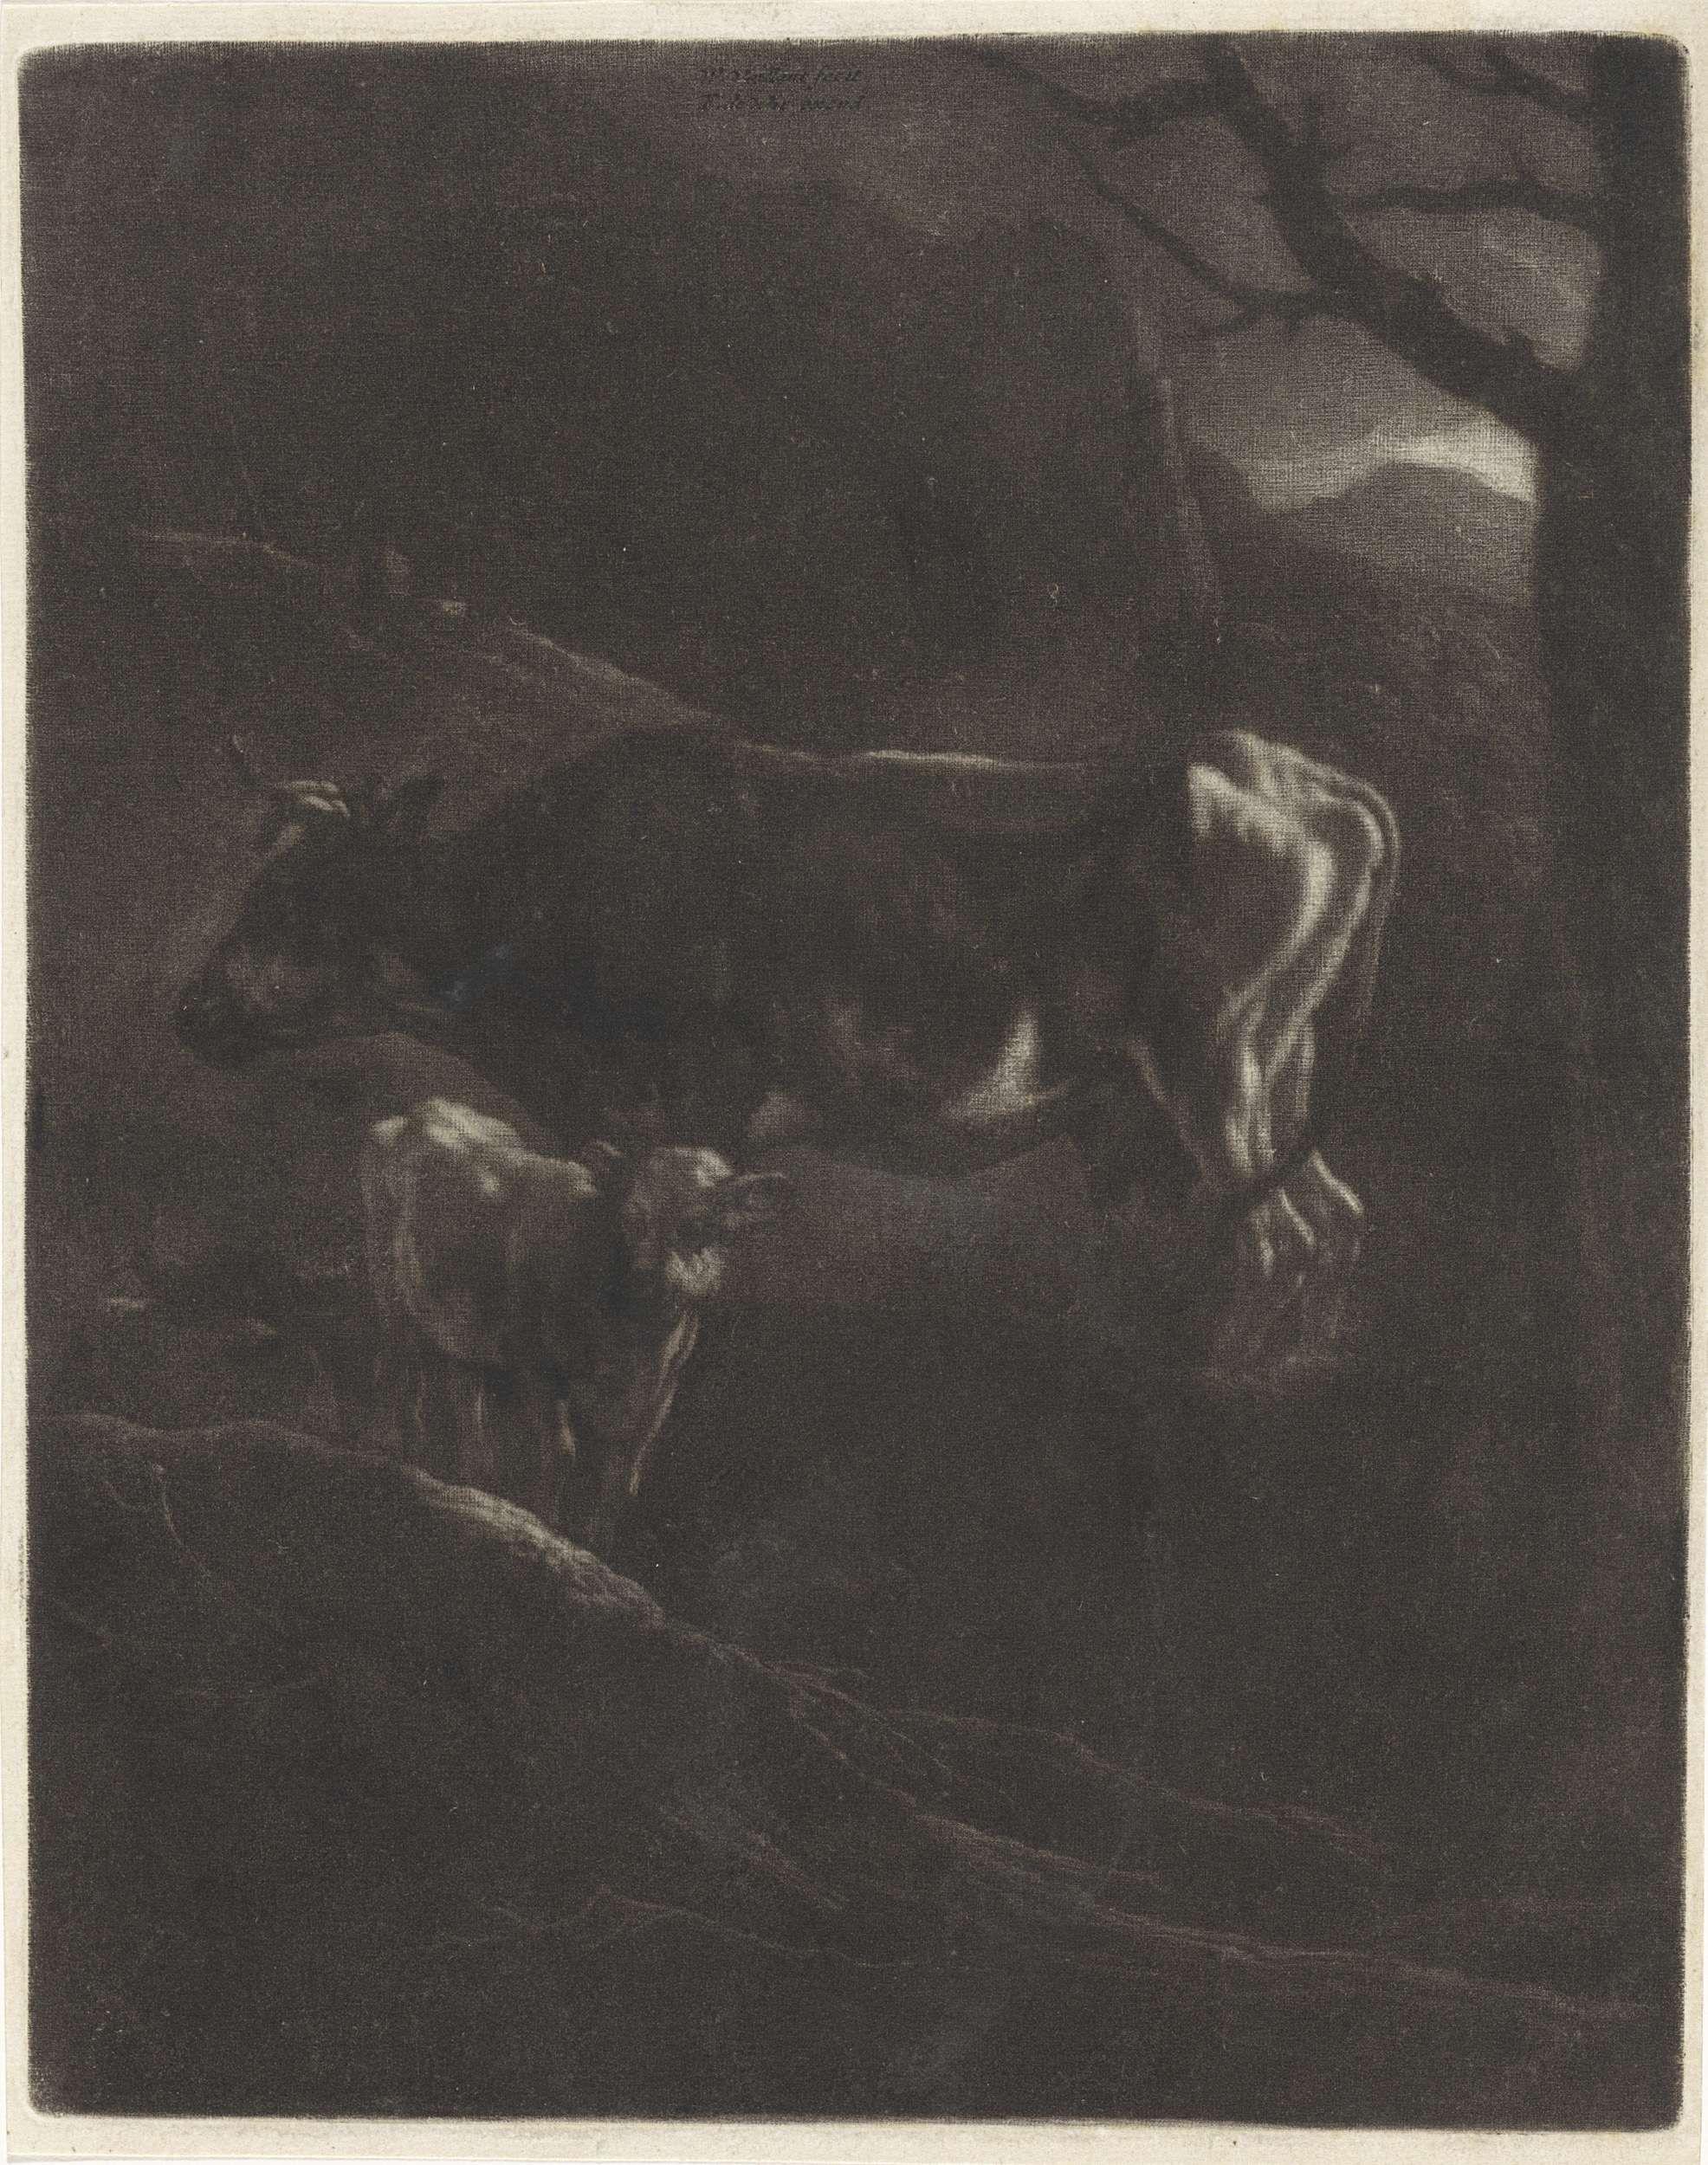 Wallerant Vaillant | Avondlandschap met een koe en een kalf, Wallerant Vaillant, Frederik de Wit, 1658 - 1706 |